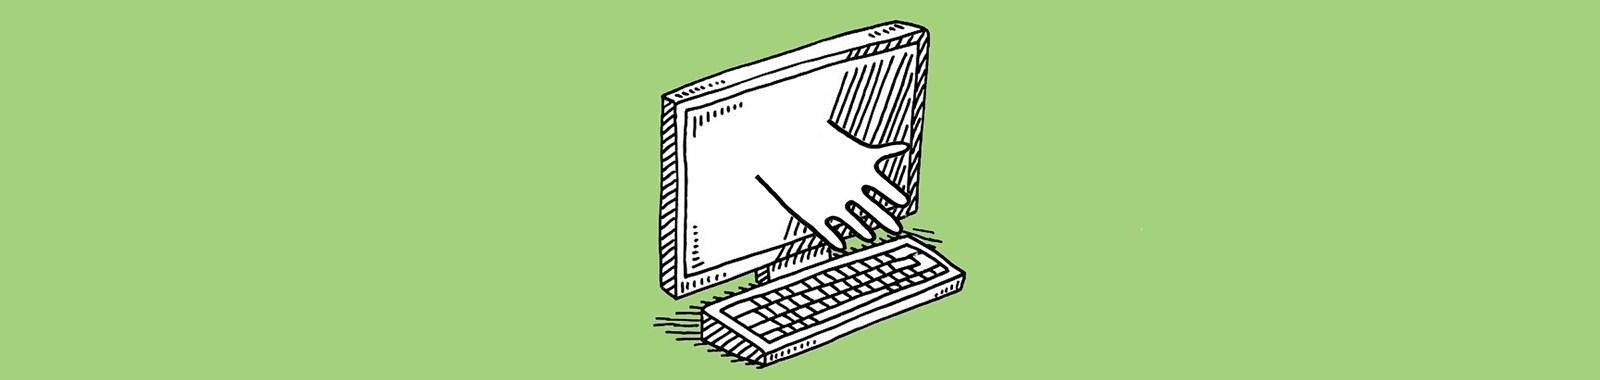 hand-computer-mainer-eye